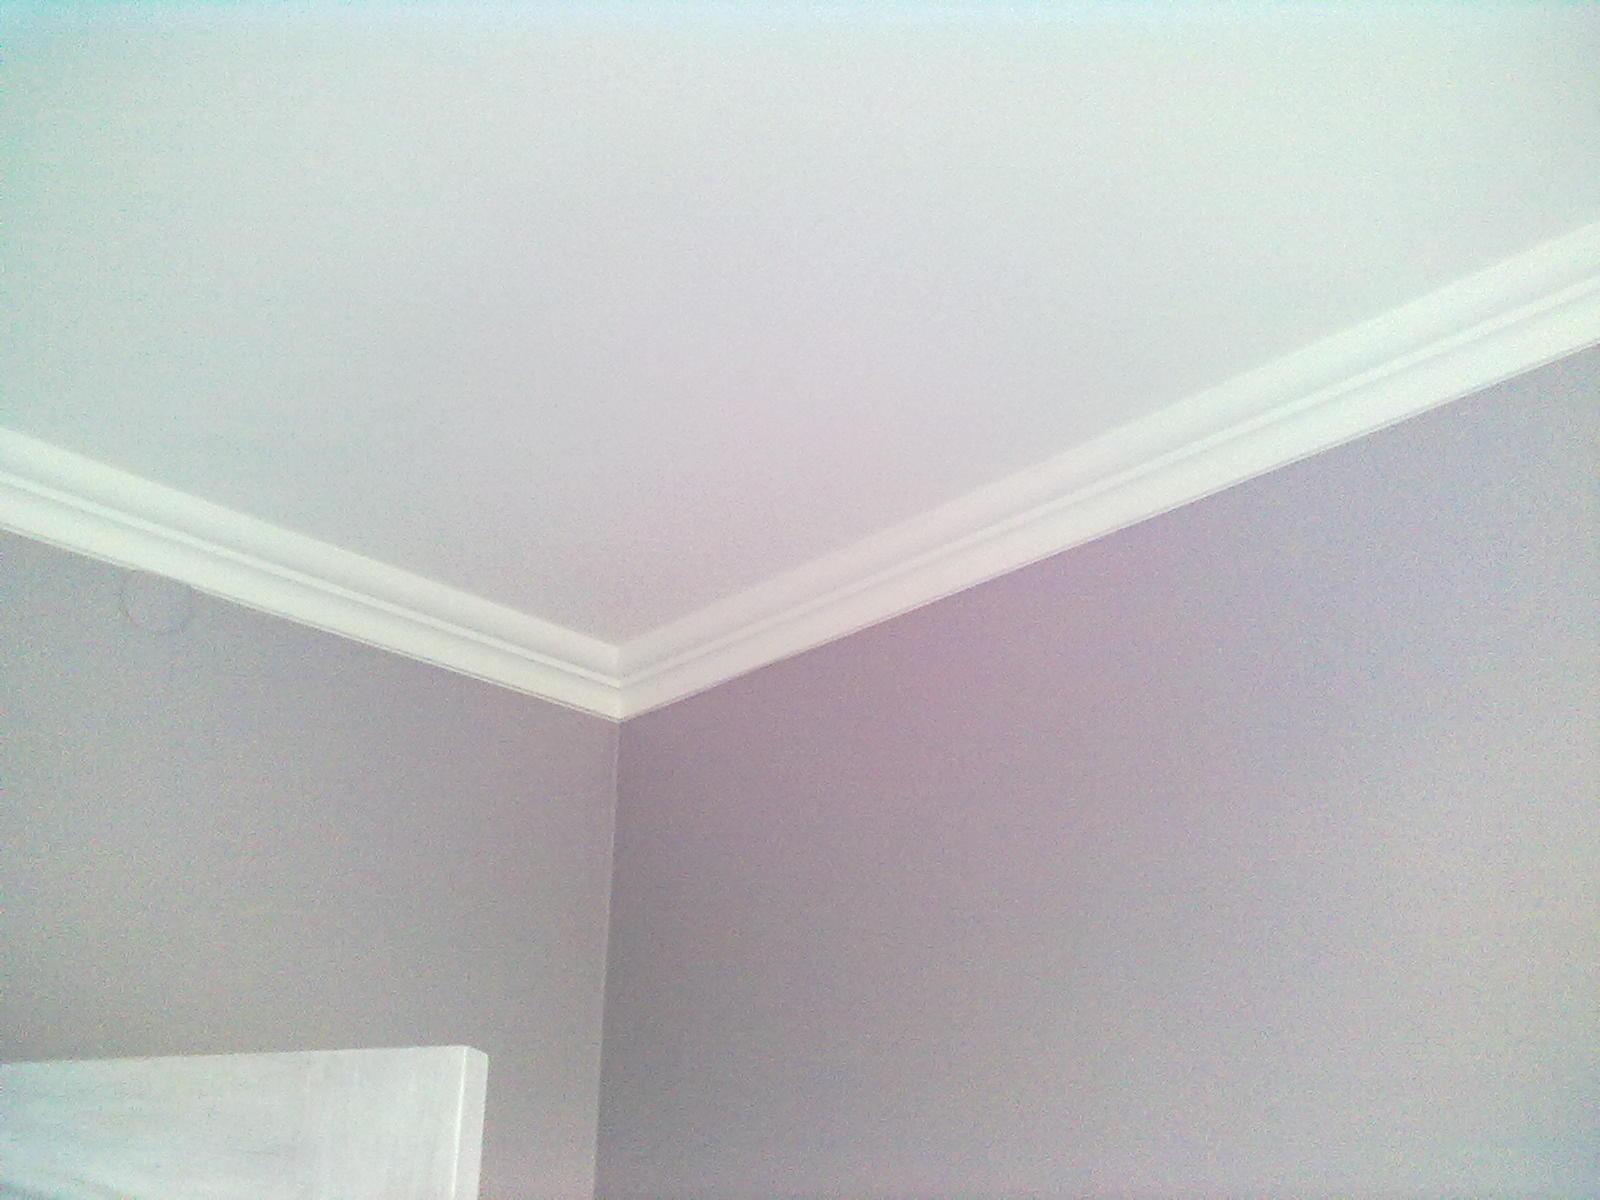 Как сделать угол потолочного плинтуса фото